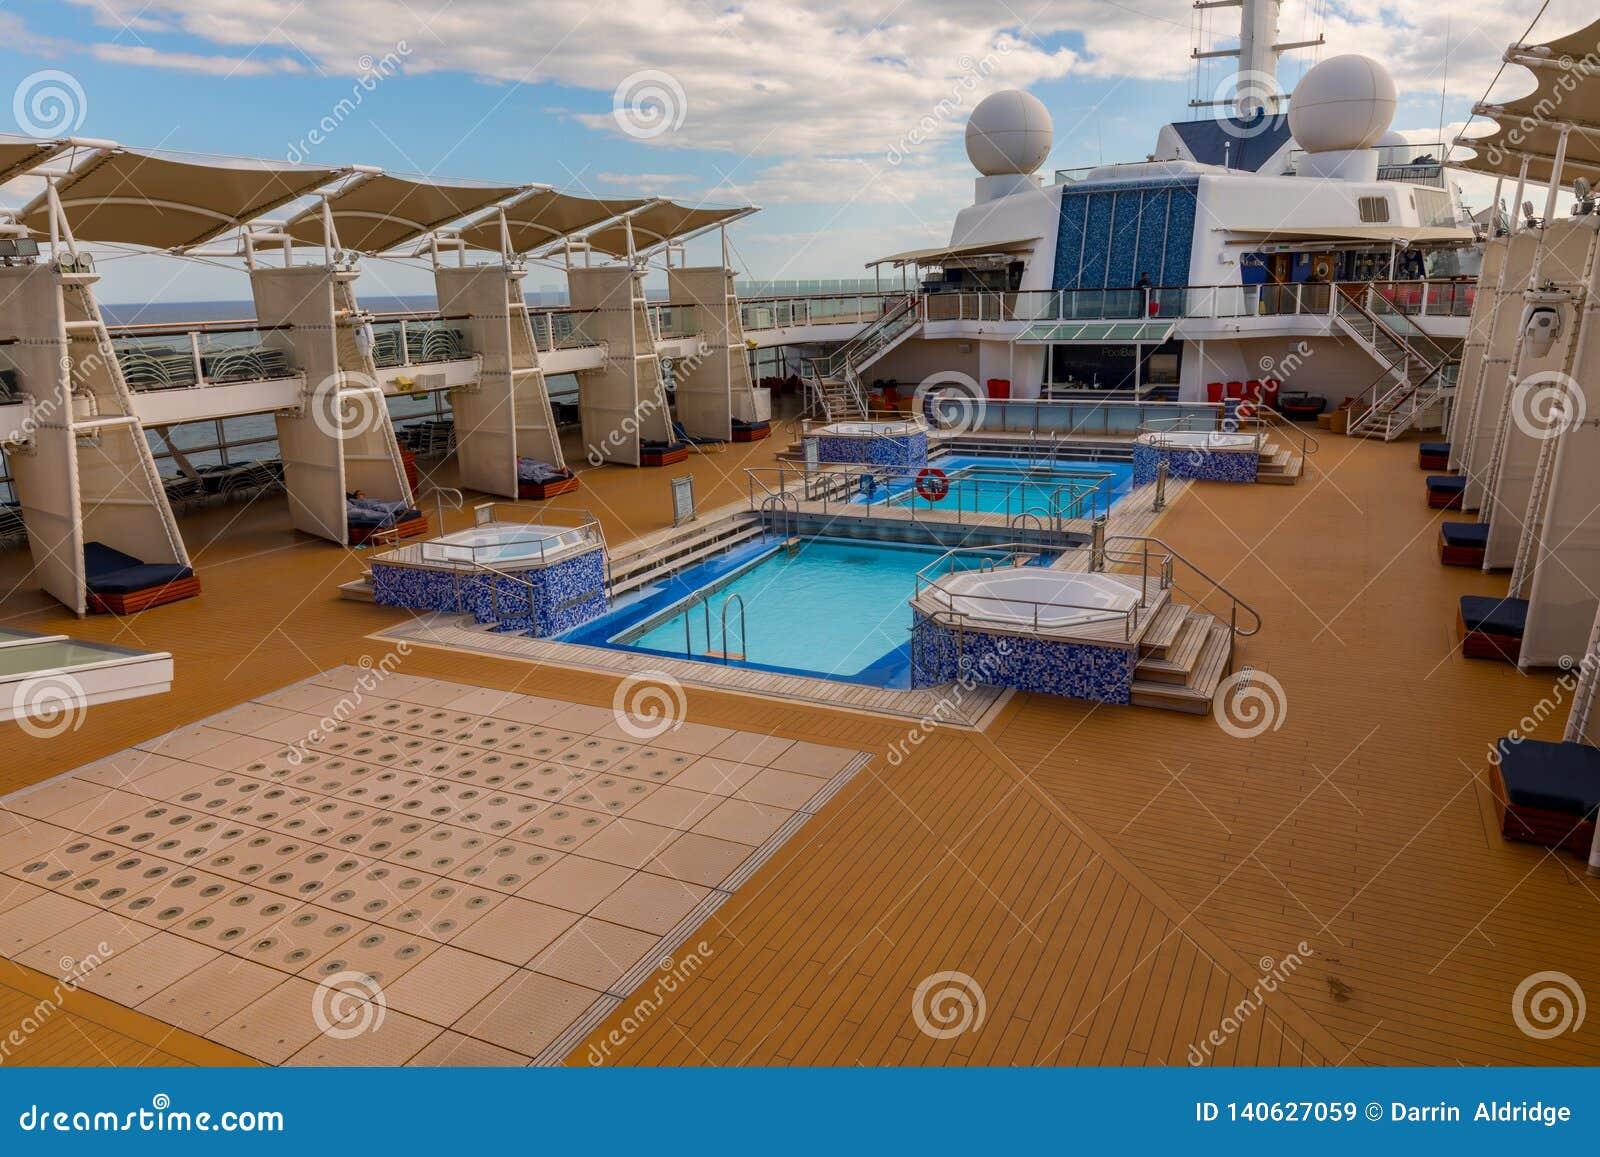 Pools Above Deck On Celebrity Cruise Stock Image Image Of Cruises Level 140627059